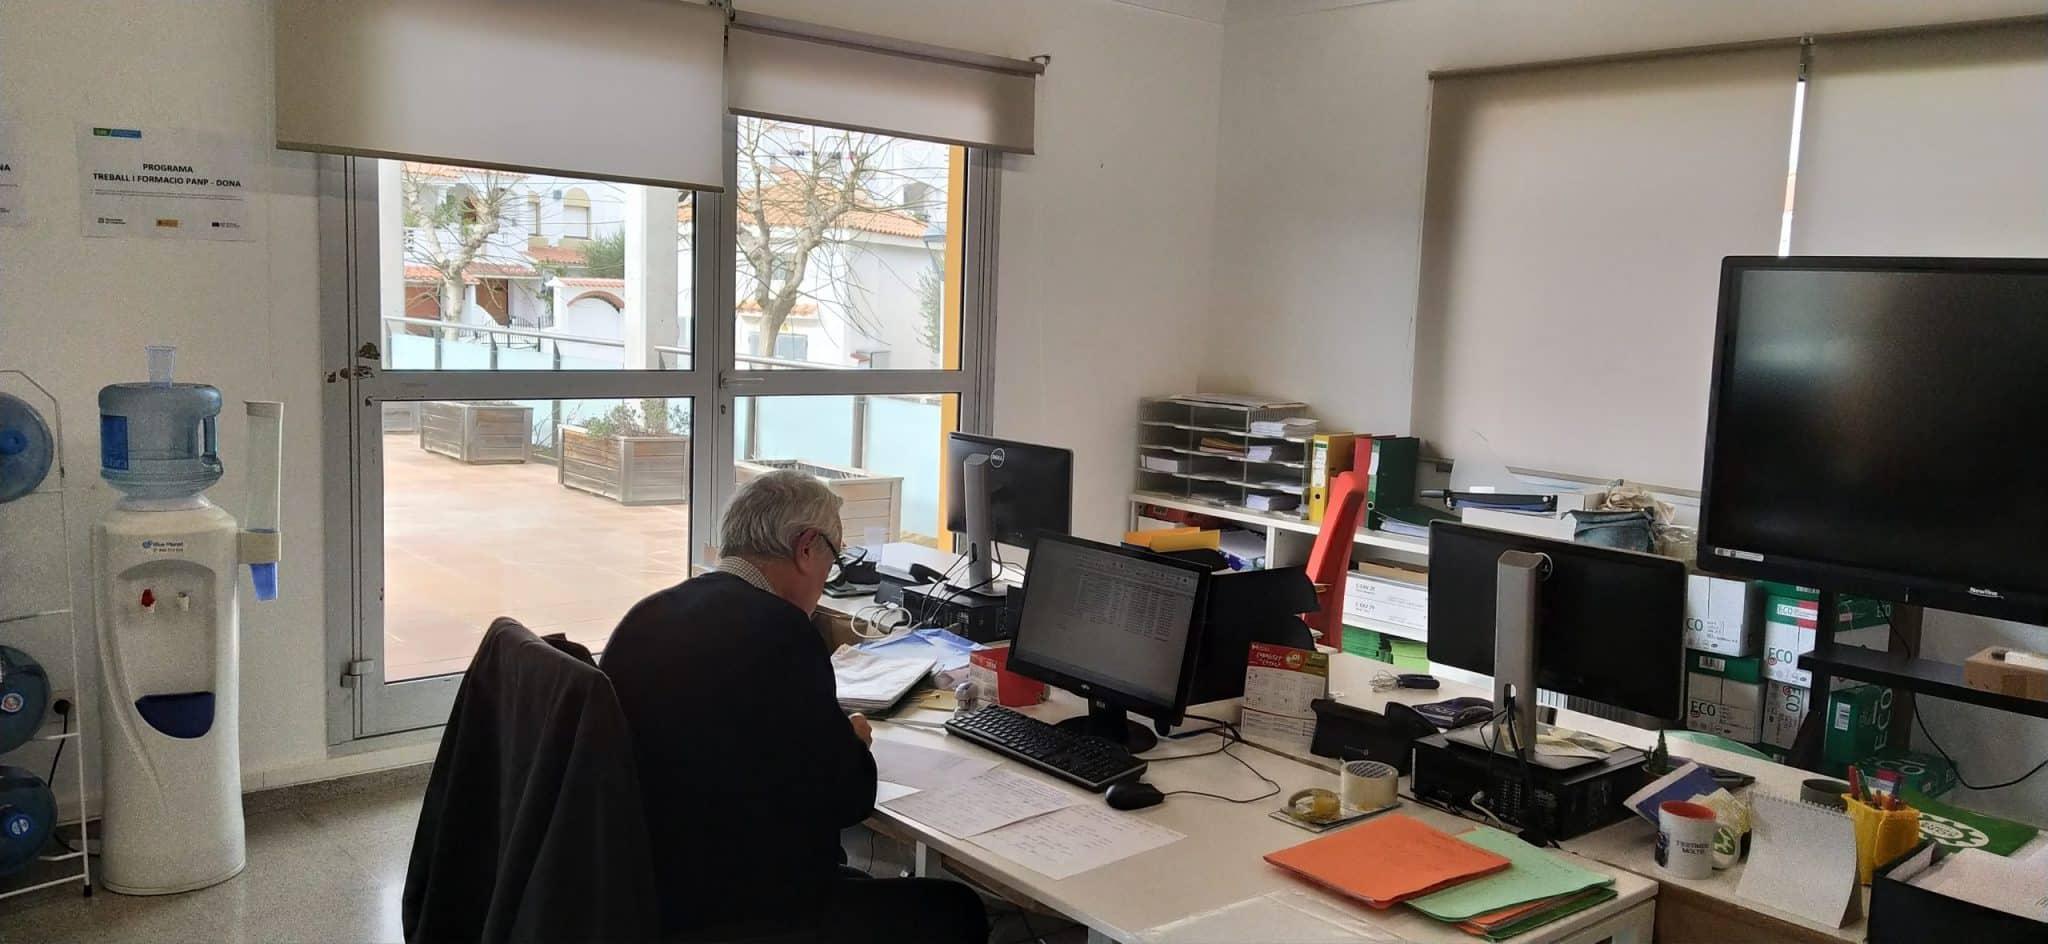 6 noves contractacions a Cunit en el marc del Programa TREFO 2019-2020